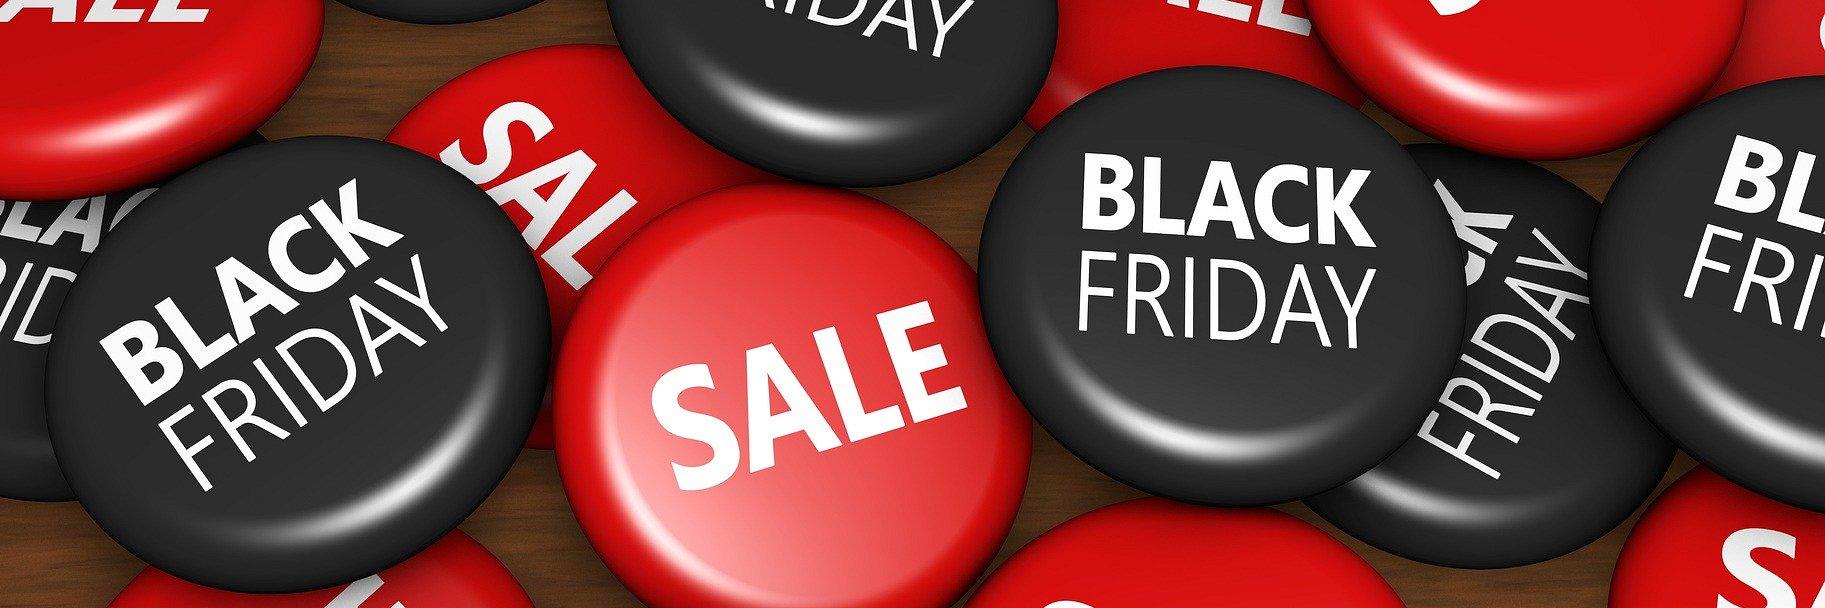 Abonamenty NaviExpert 50% taniej na Black Friday